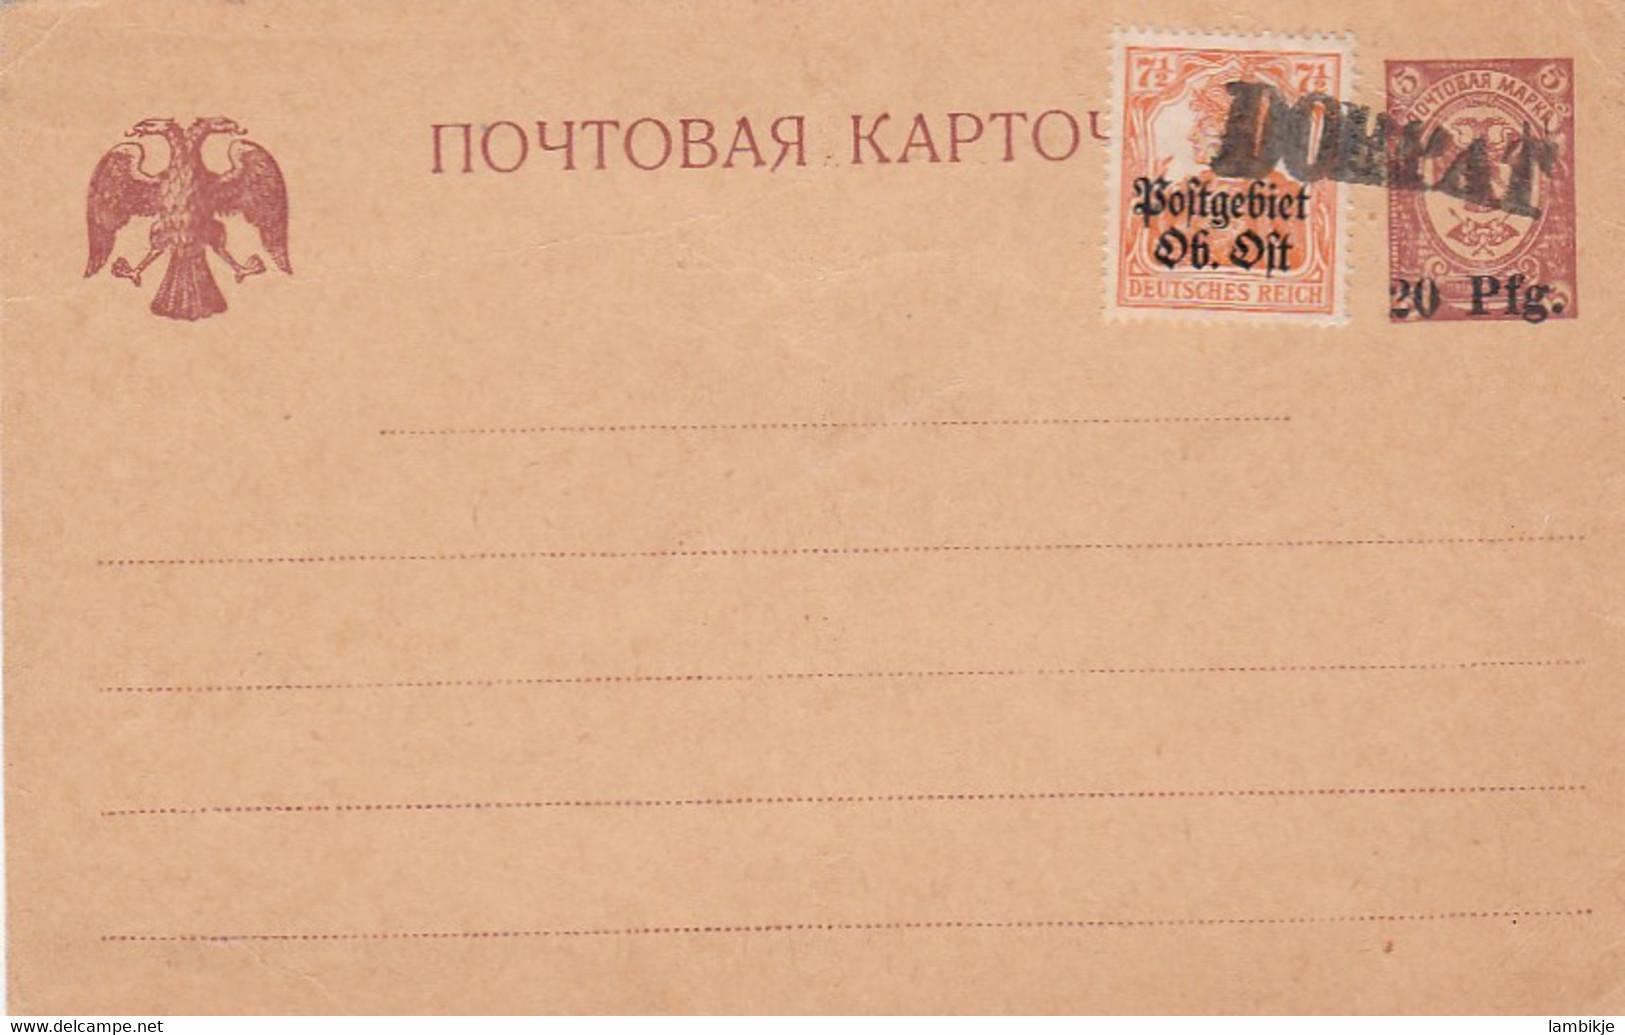 Deutsches Reich Postgebiet Ost Postkarte 1918 - Used Stamps